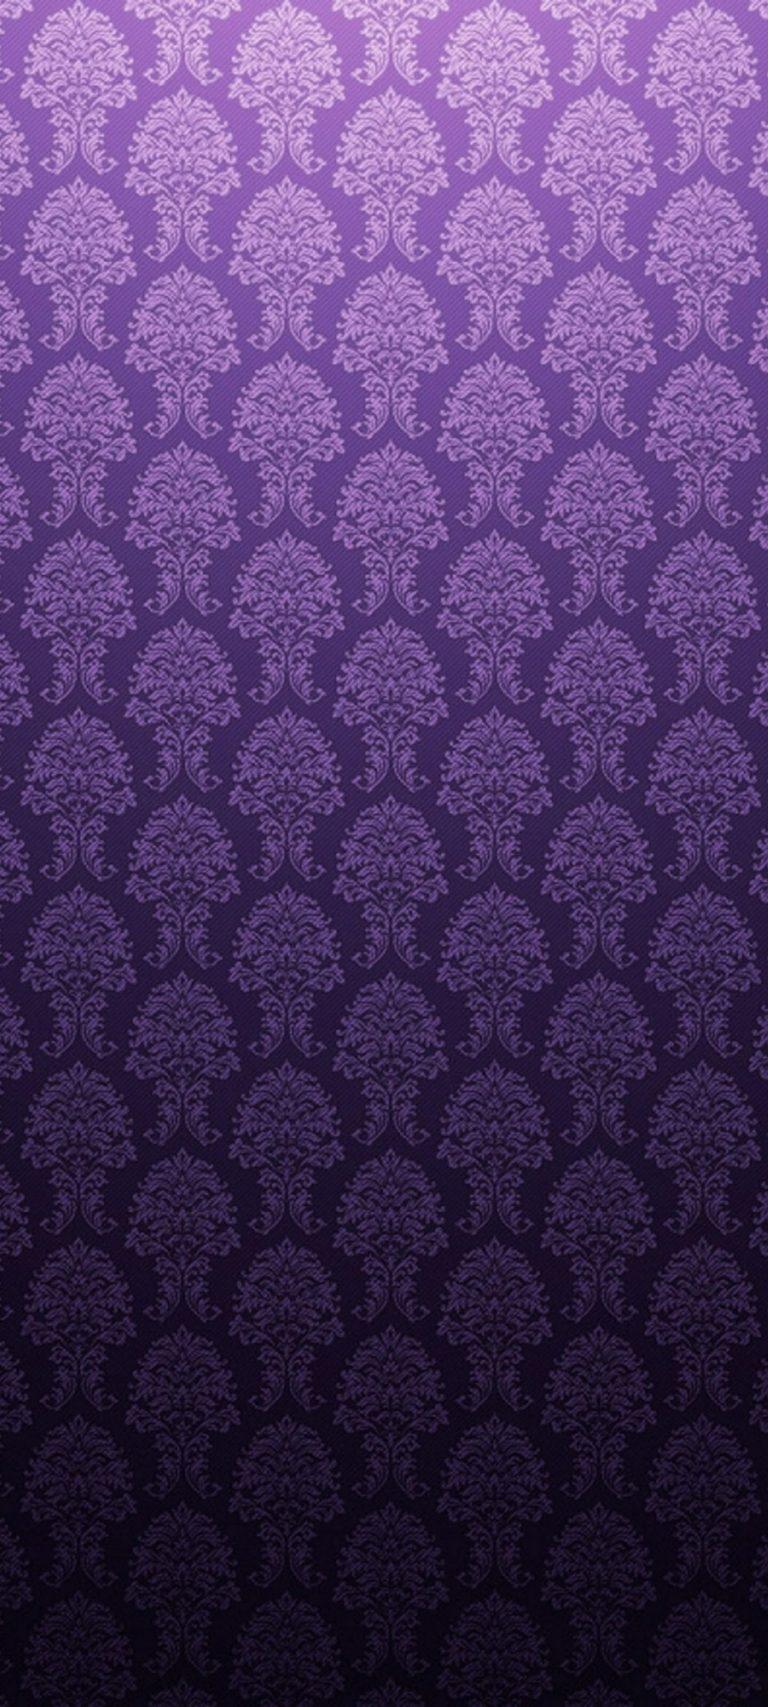 1440x3200 HD Wallpaper 20 768x1707 - 1440x3200 HD Wallpaper - 20